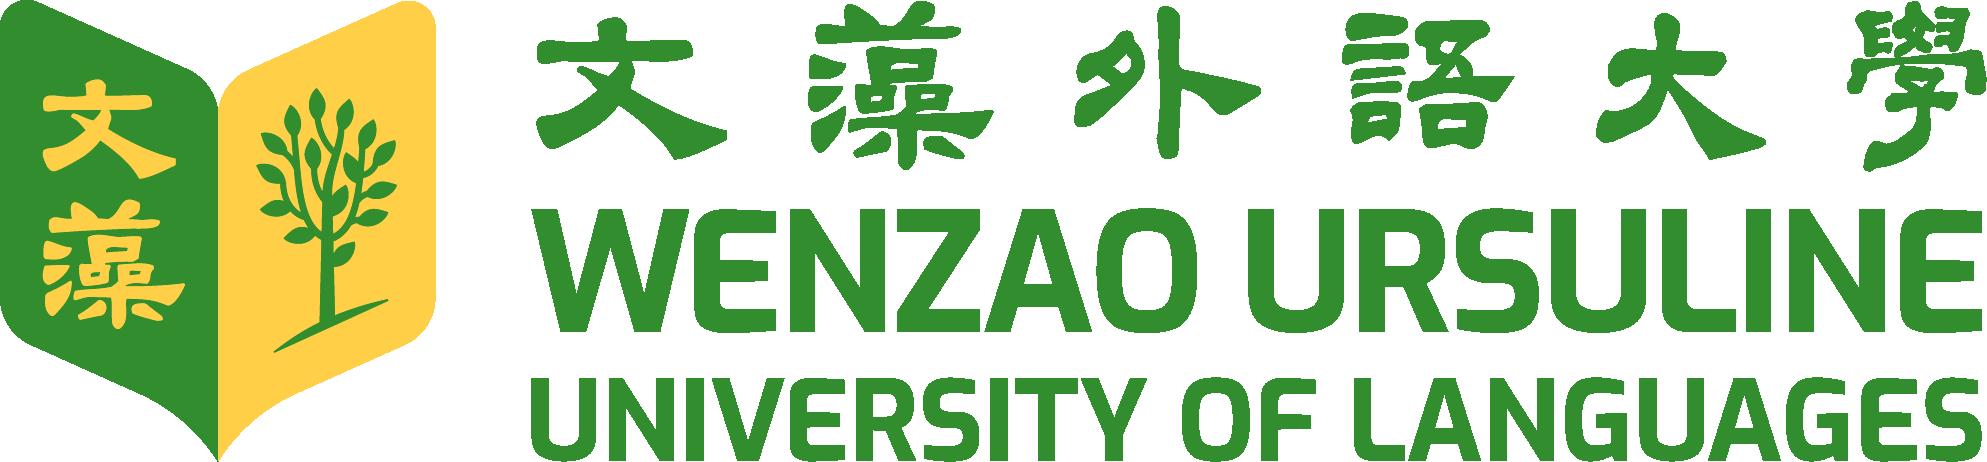 Wenzao_Ursuline_School_Logo_Colo.png